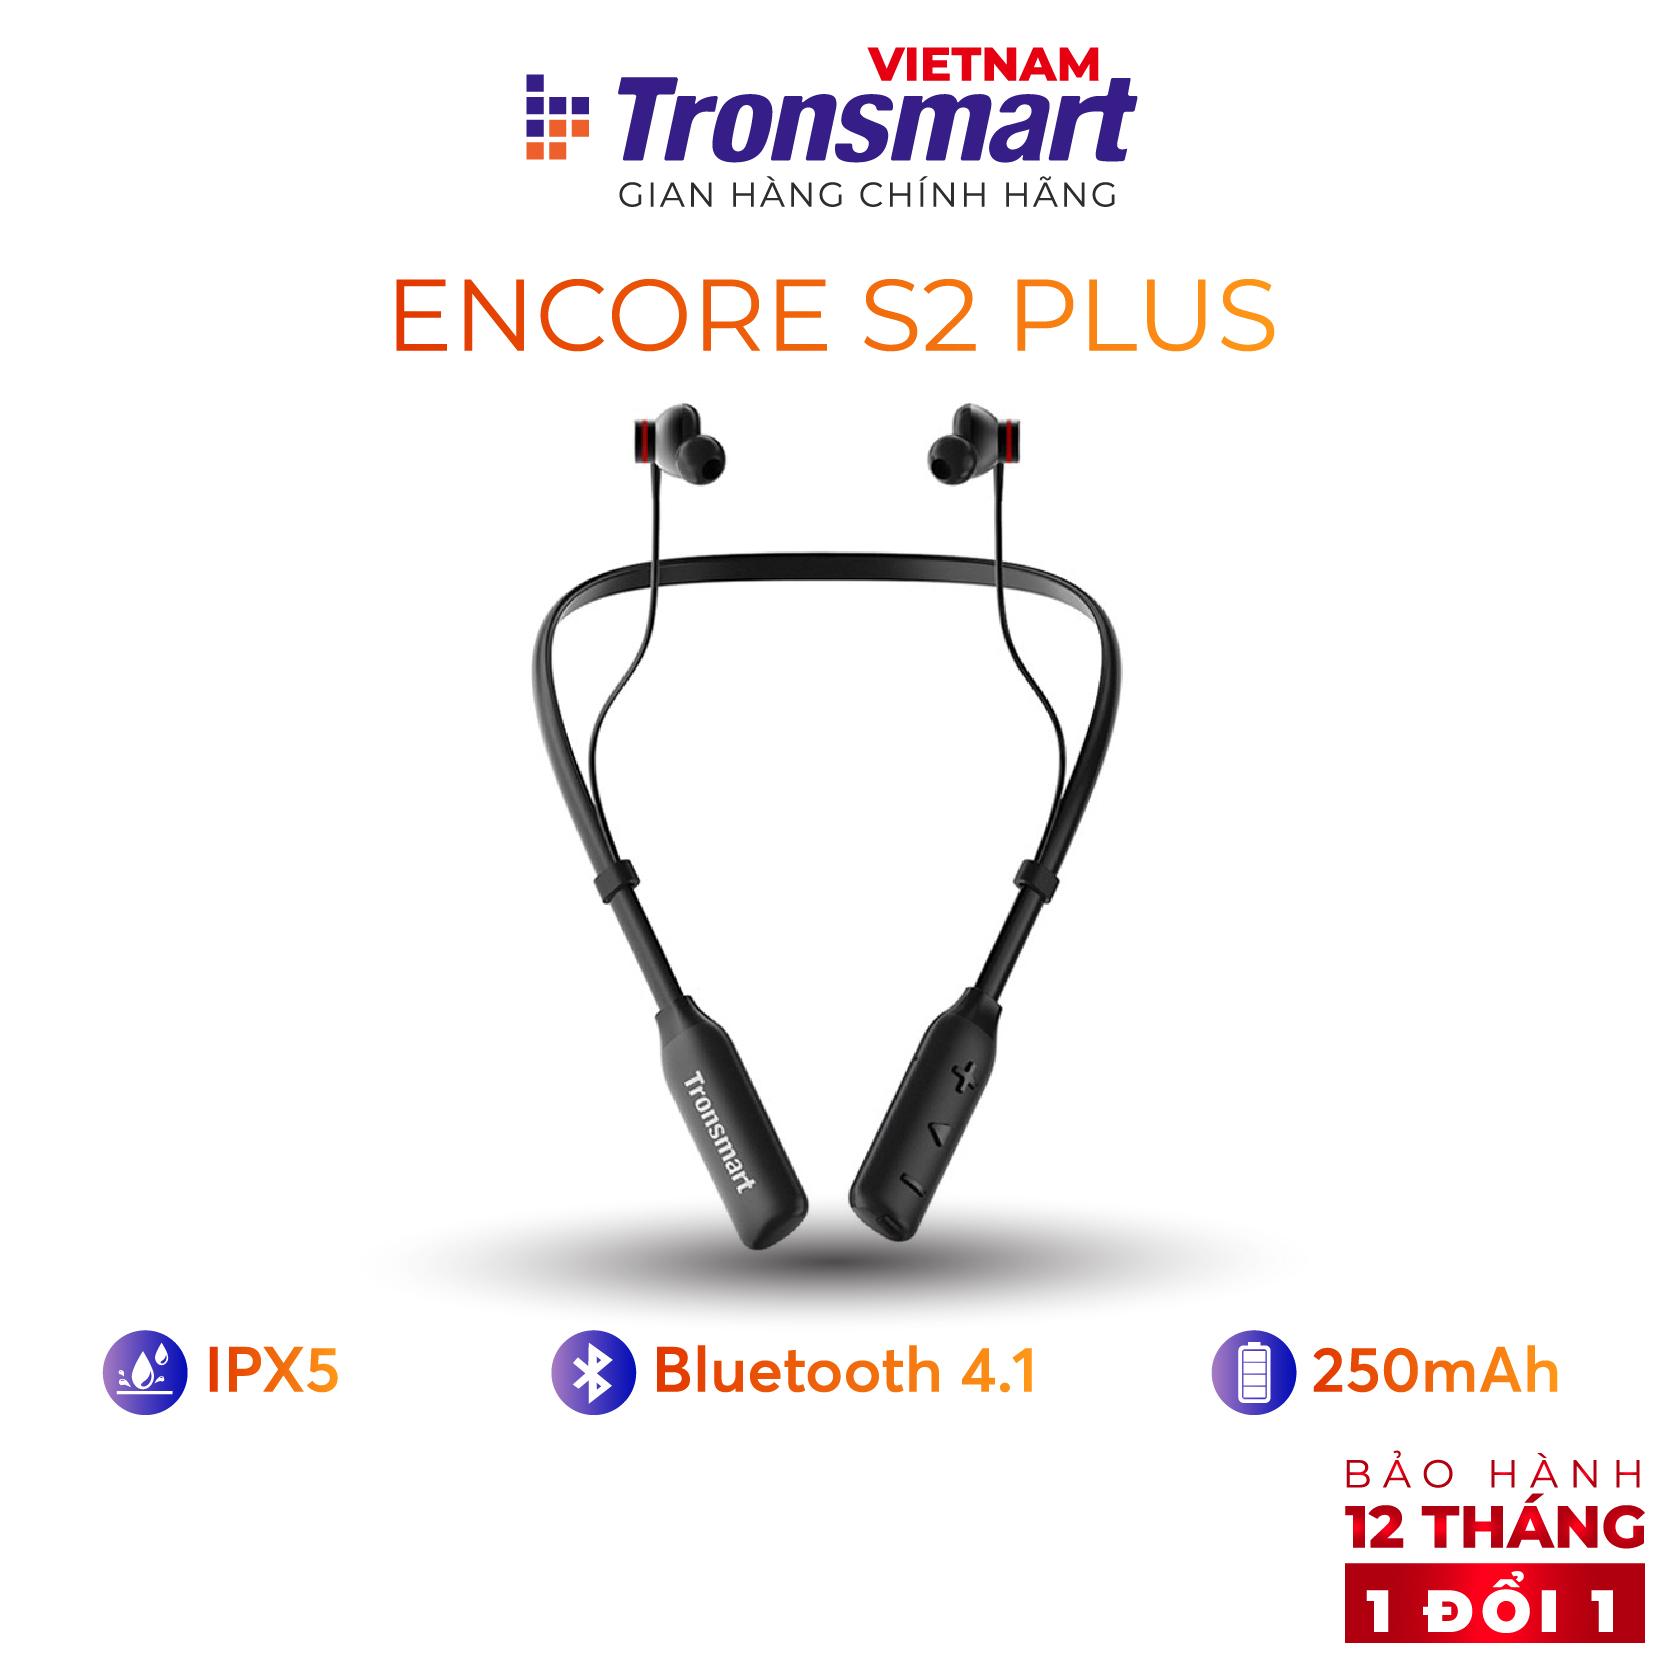 [VOUCHER 7% tối đa 500K] Tai nghe Bluetooth thể thao 5.0 Tronsmart Encore S2 Plus Khử tiếng ồn và có míc đàm thoại Tiêu chuẩn kháng bụi chống nước IPX45 và mồ hôi Thời gian sử dụng lên tới 24h thích hợp tập thể dục thể thao